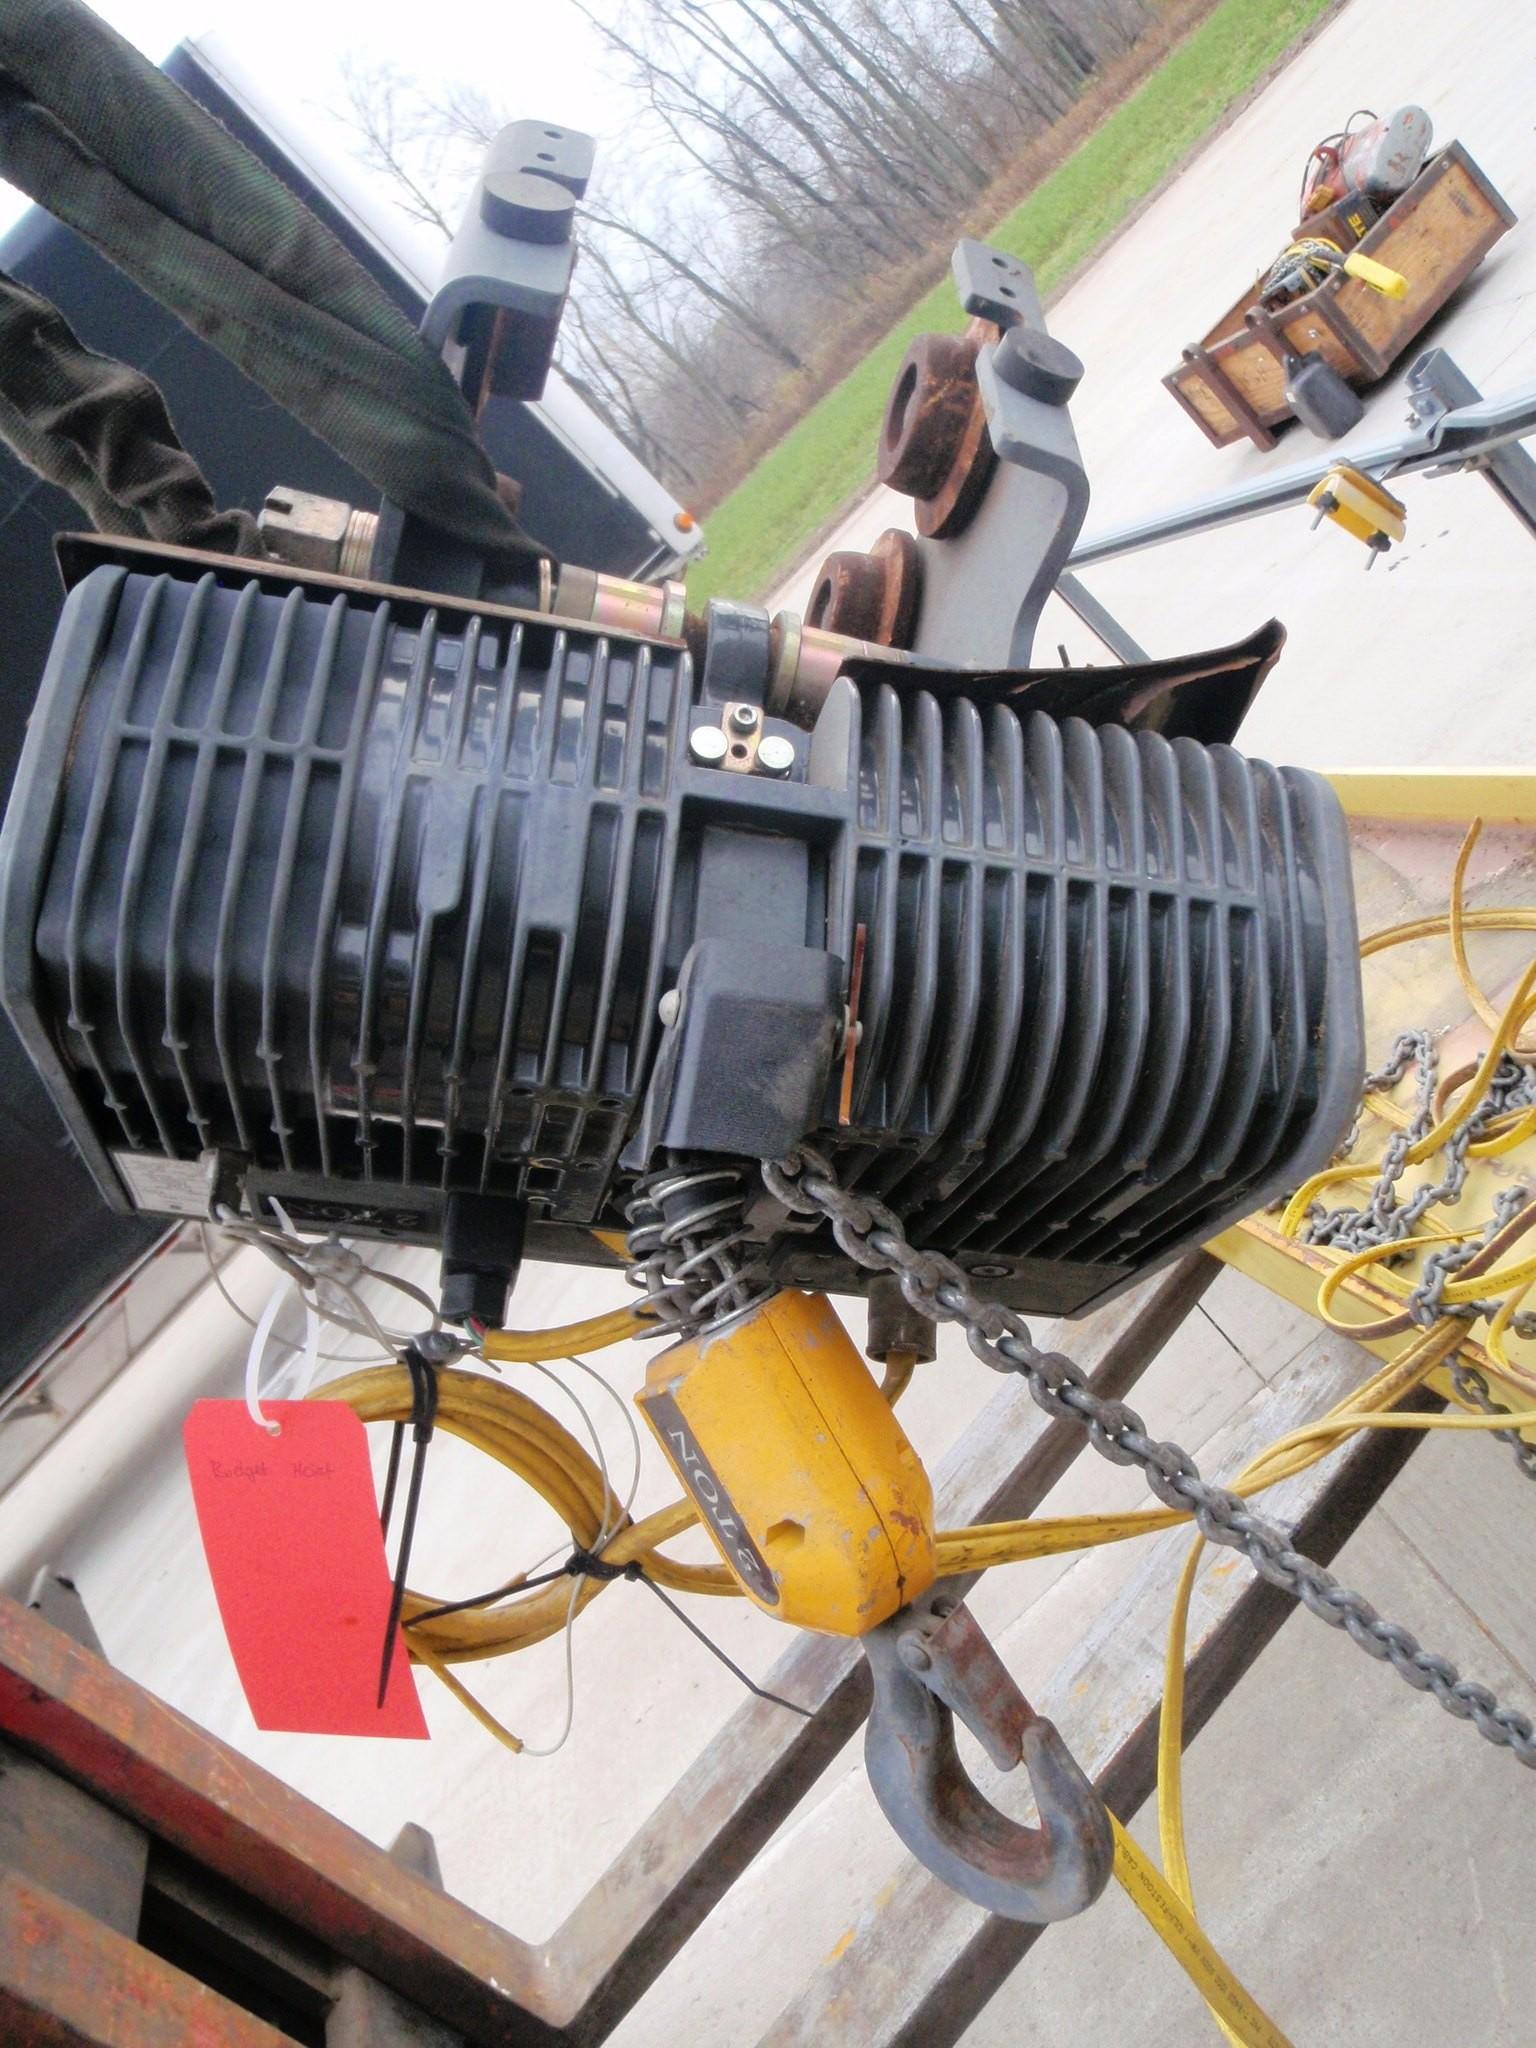 R&M 2 Ton Hoist with Pendant Control Model LM10200017P16S2C